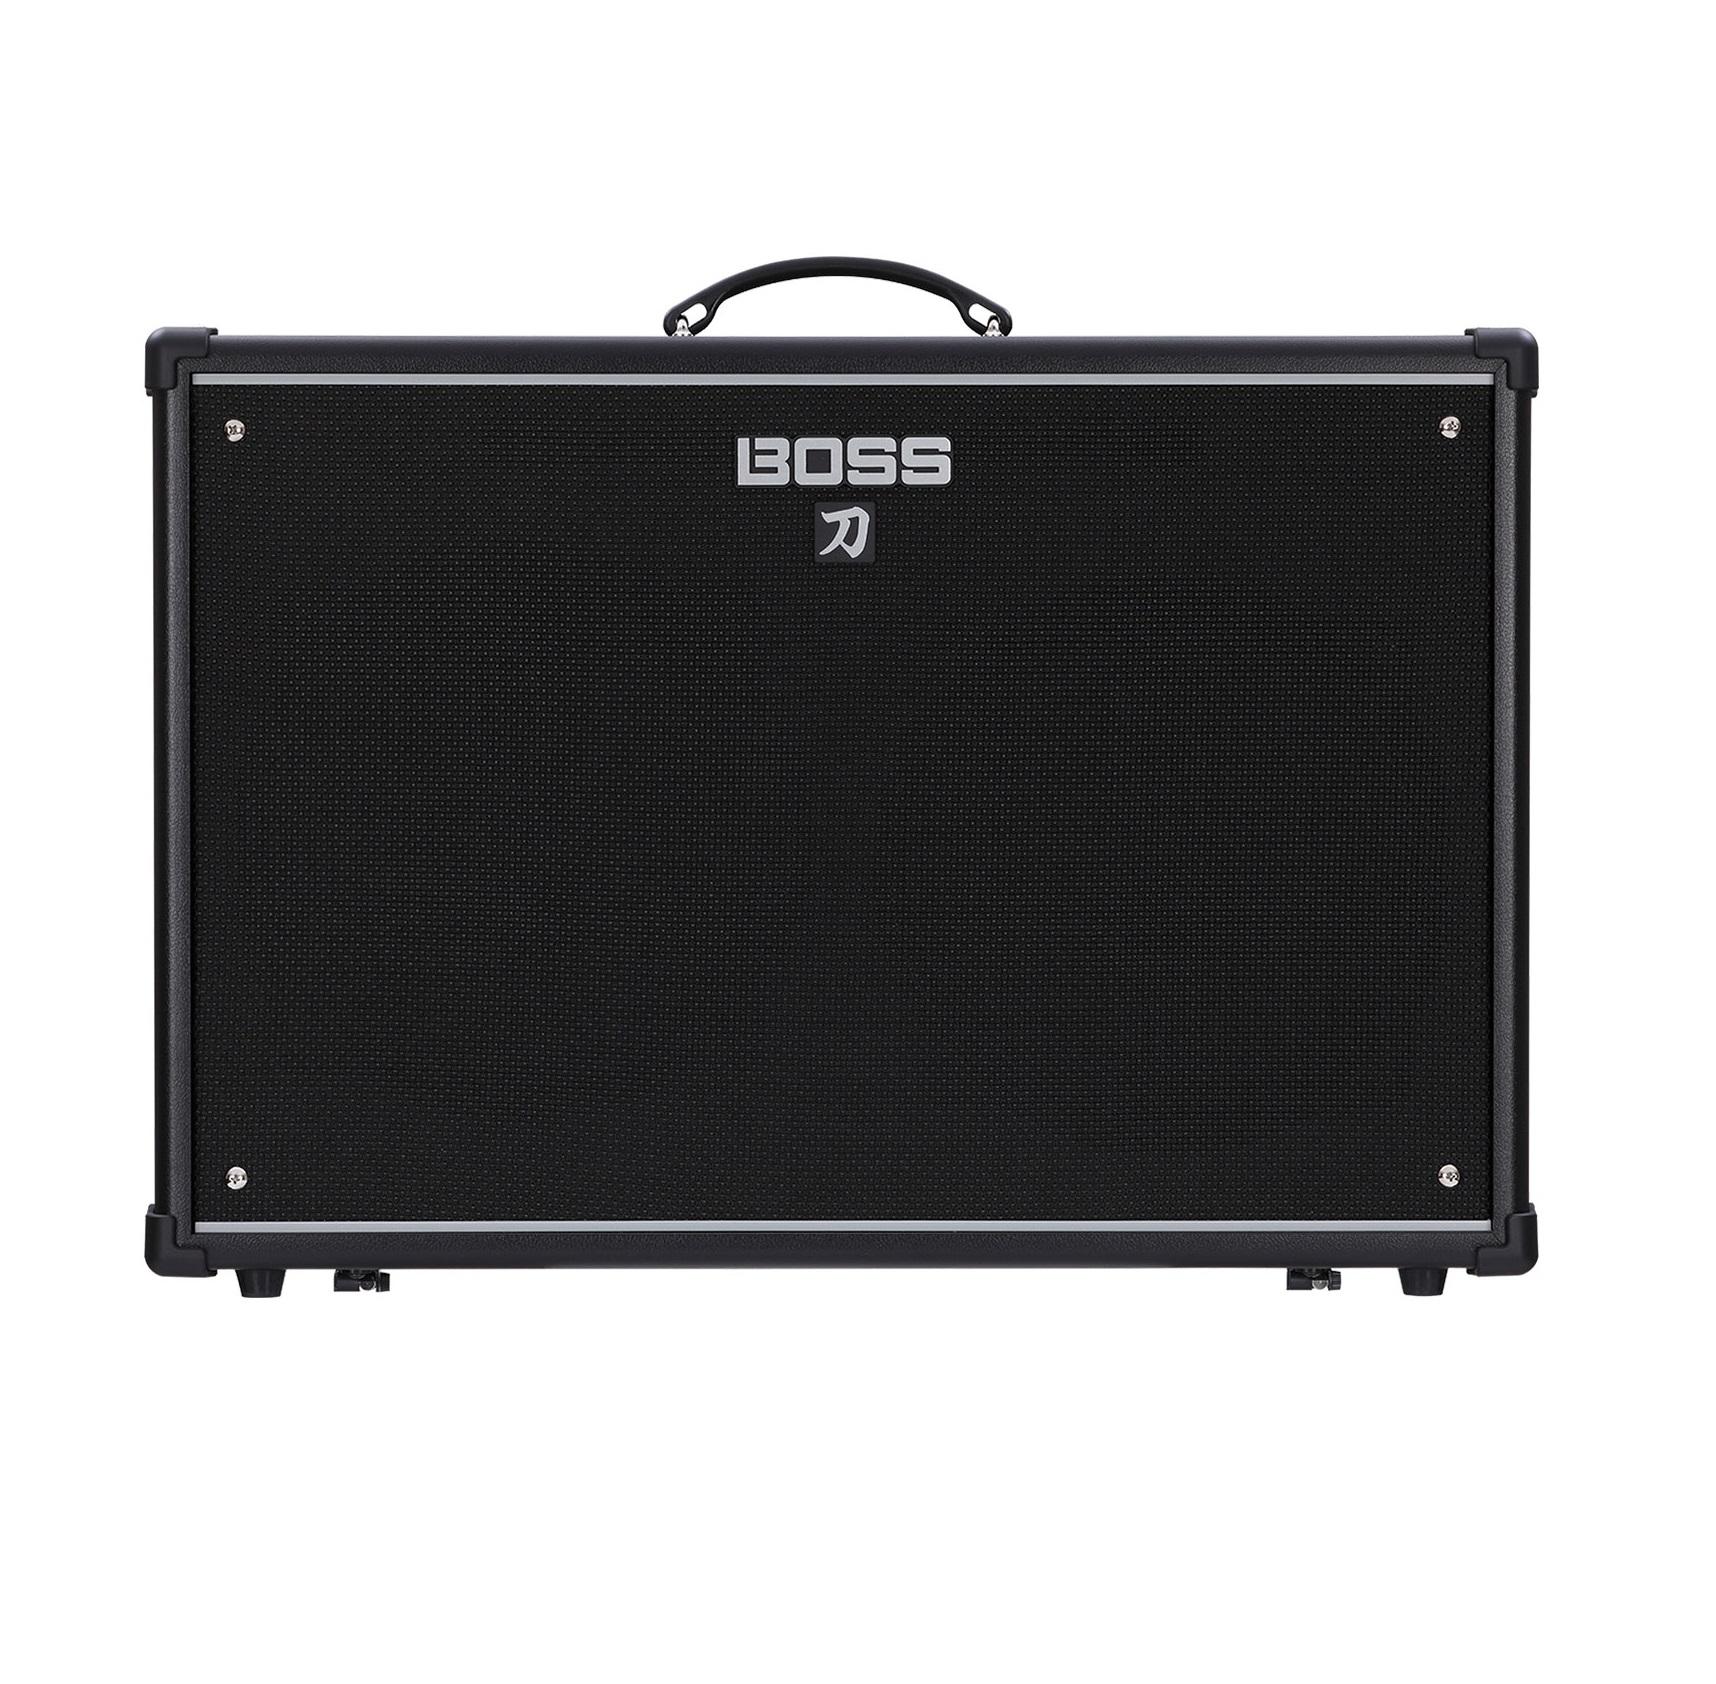 Boss Ktn 212 Katana Guitar Amplifier